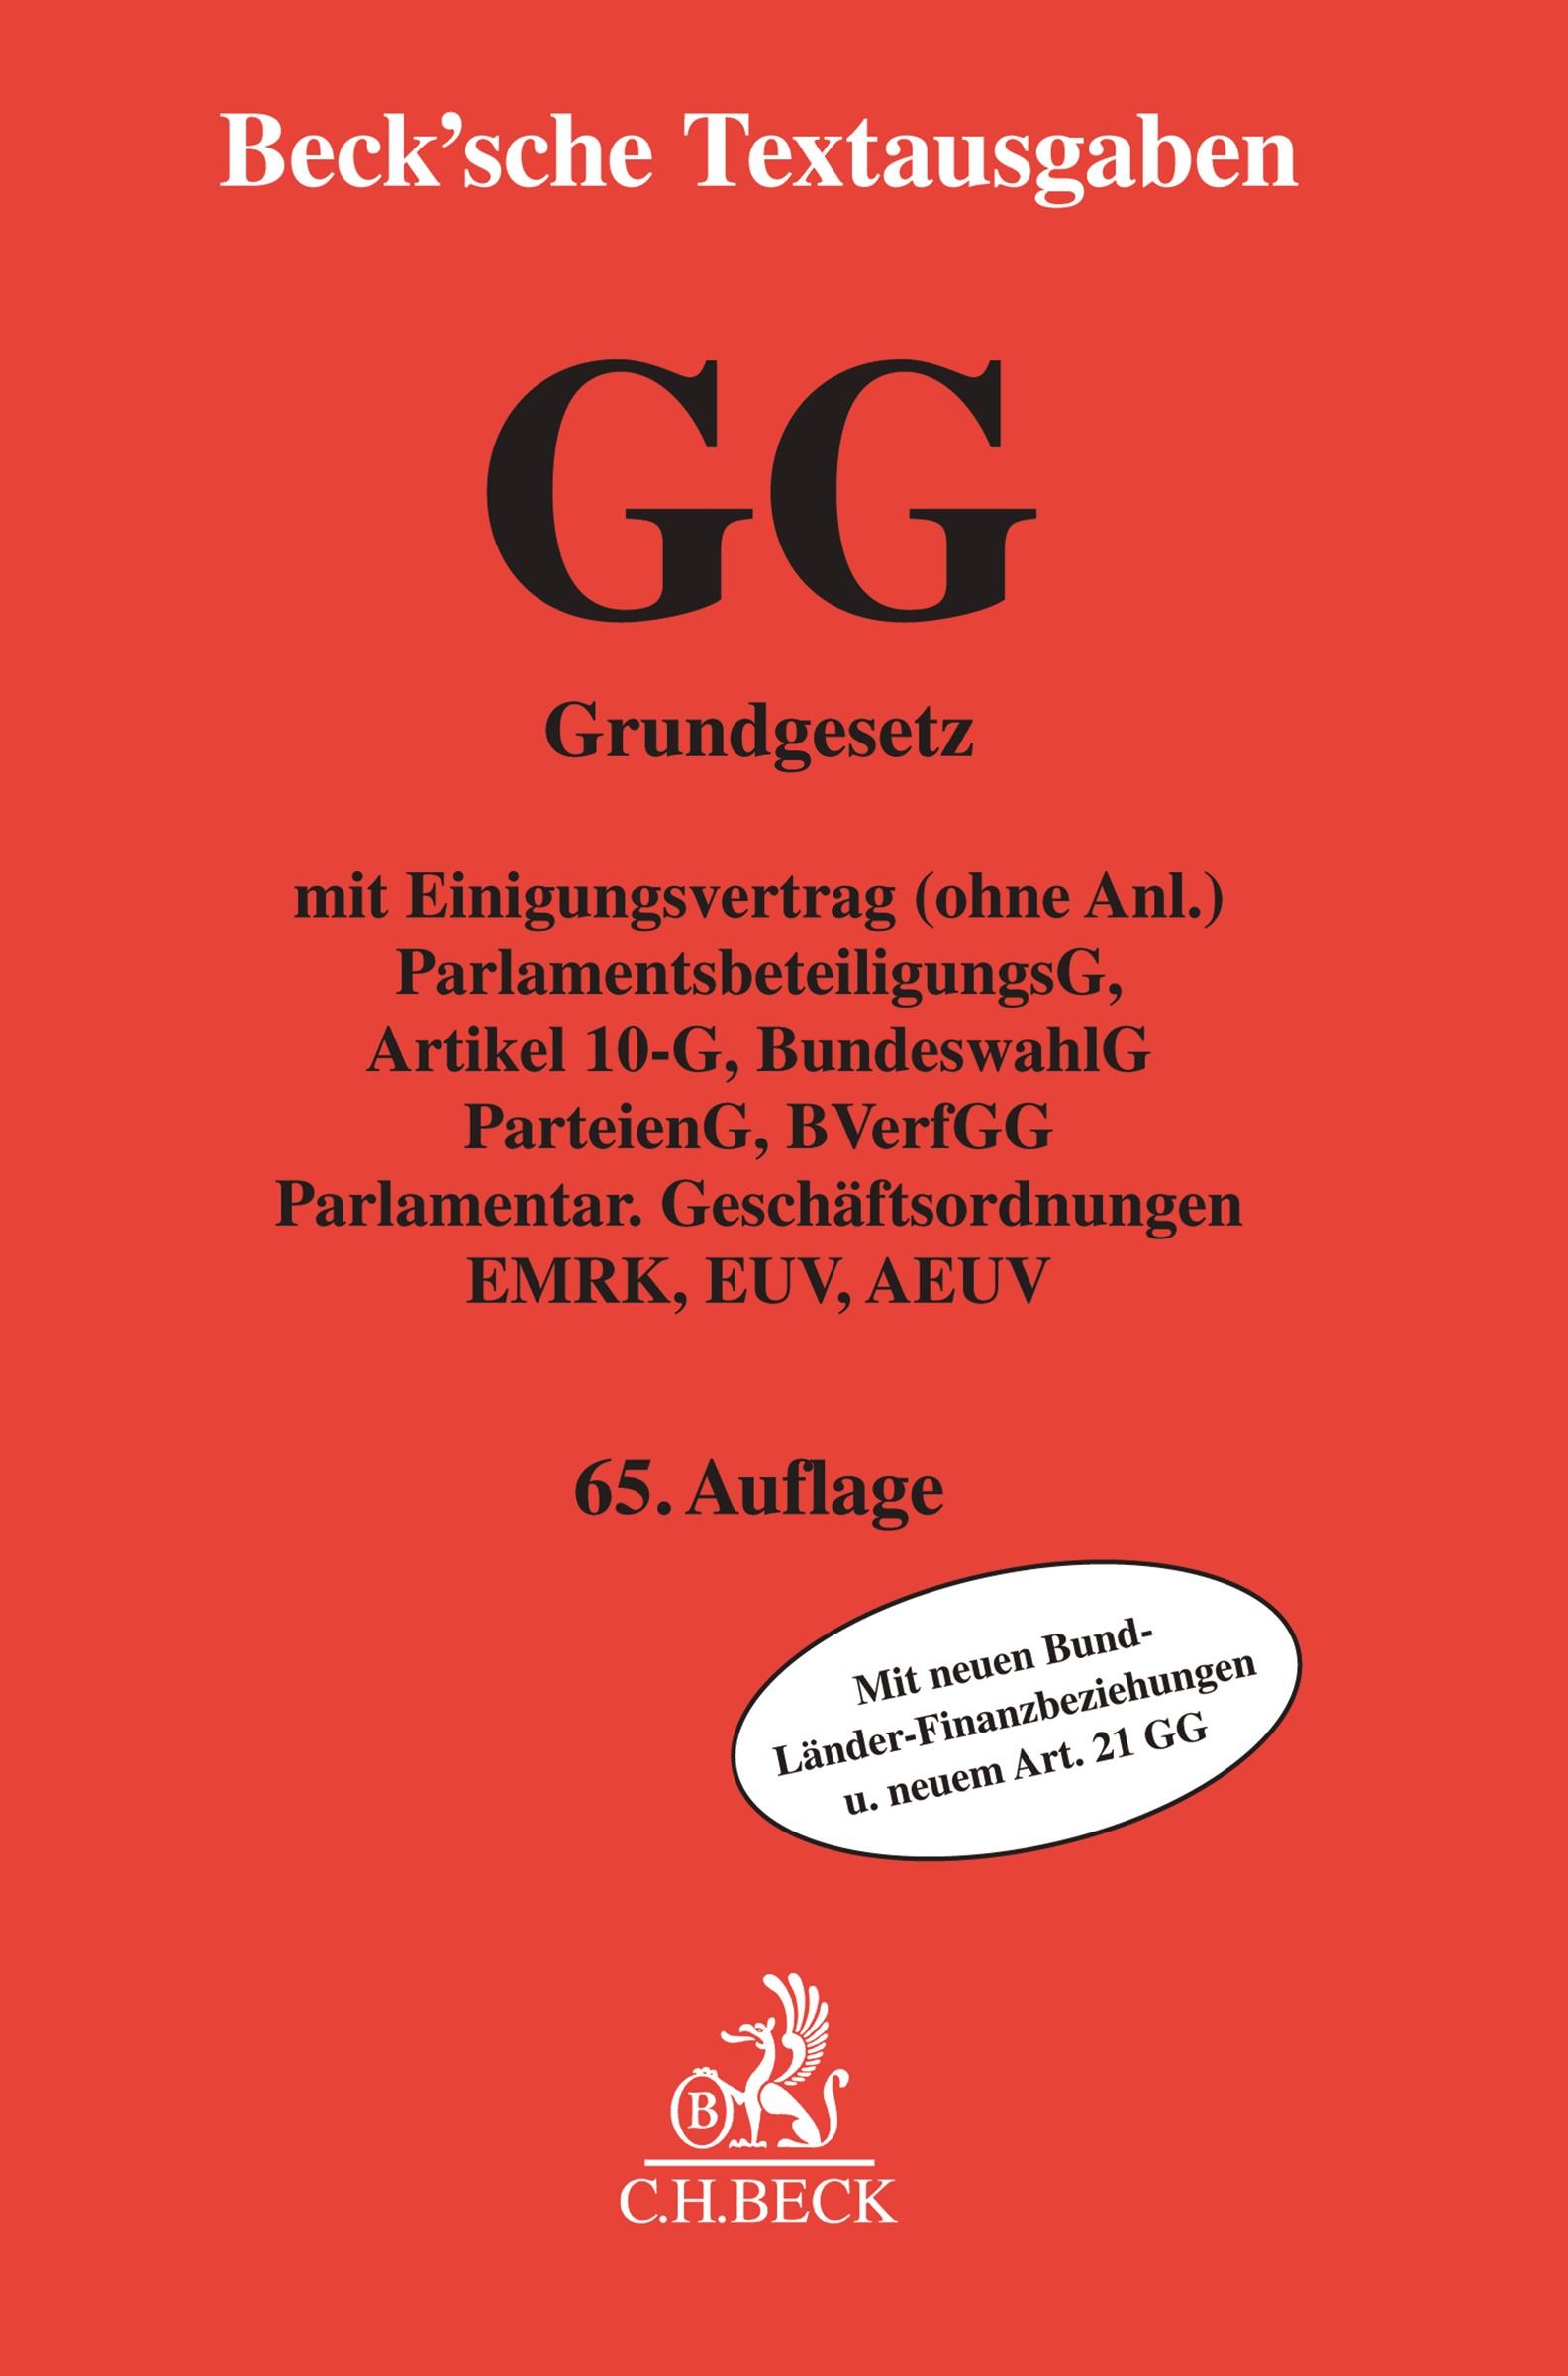 Grundgesetz für die Bundesrepublik Deutschland: GG | 65., neu bearbeitete Auflage, 2017 | Buch (Cover)